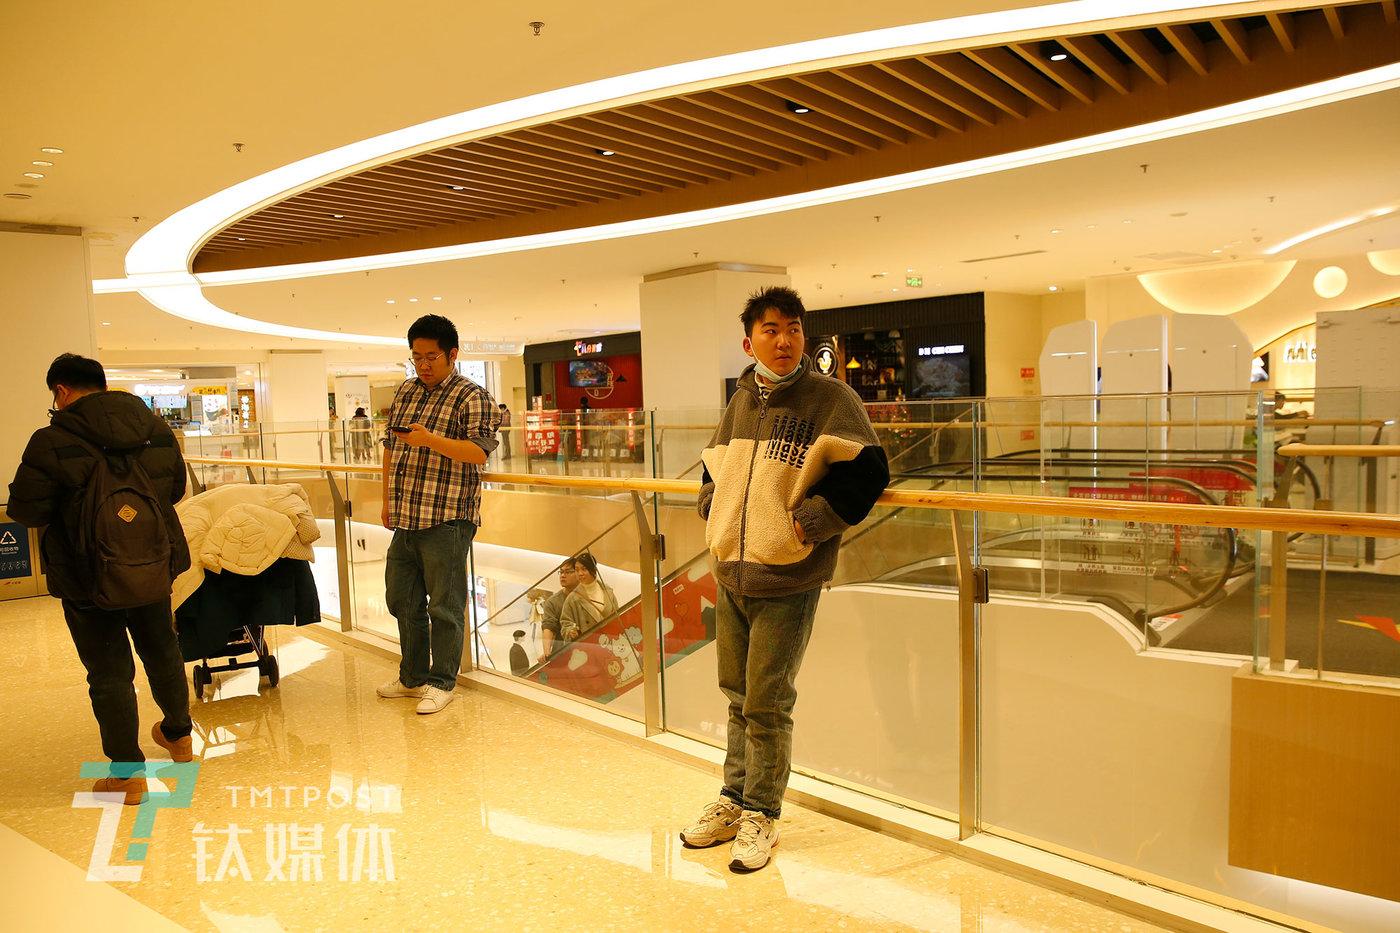 12月23日,西安,刘灏和朋友外出吃饭。